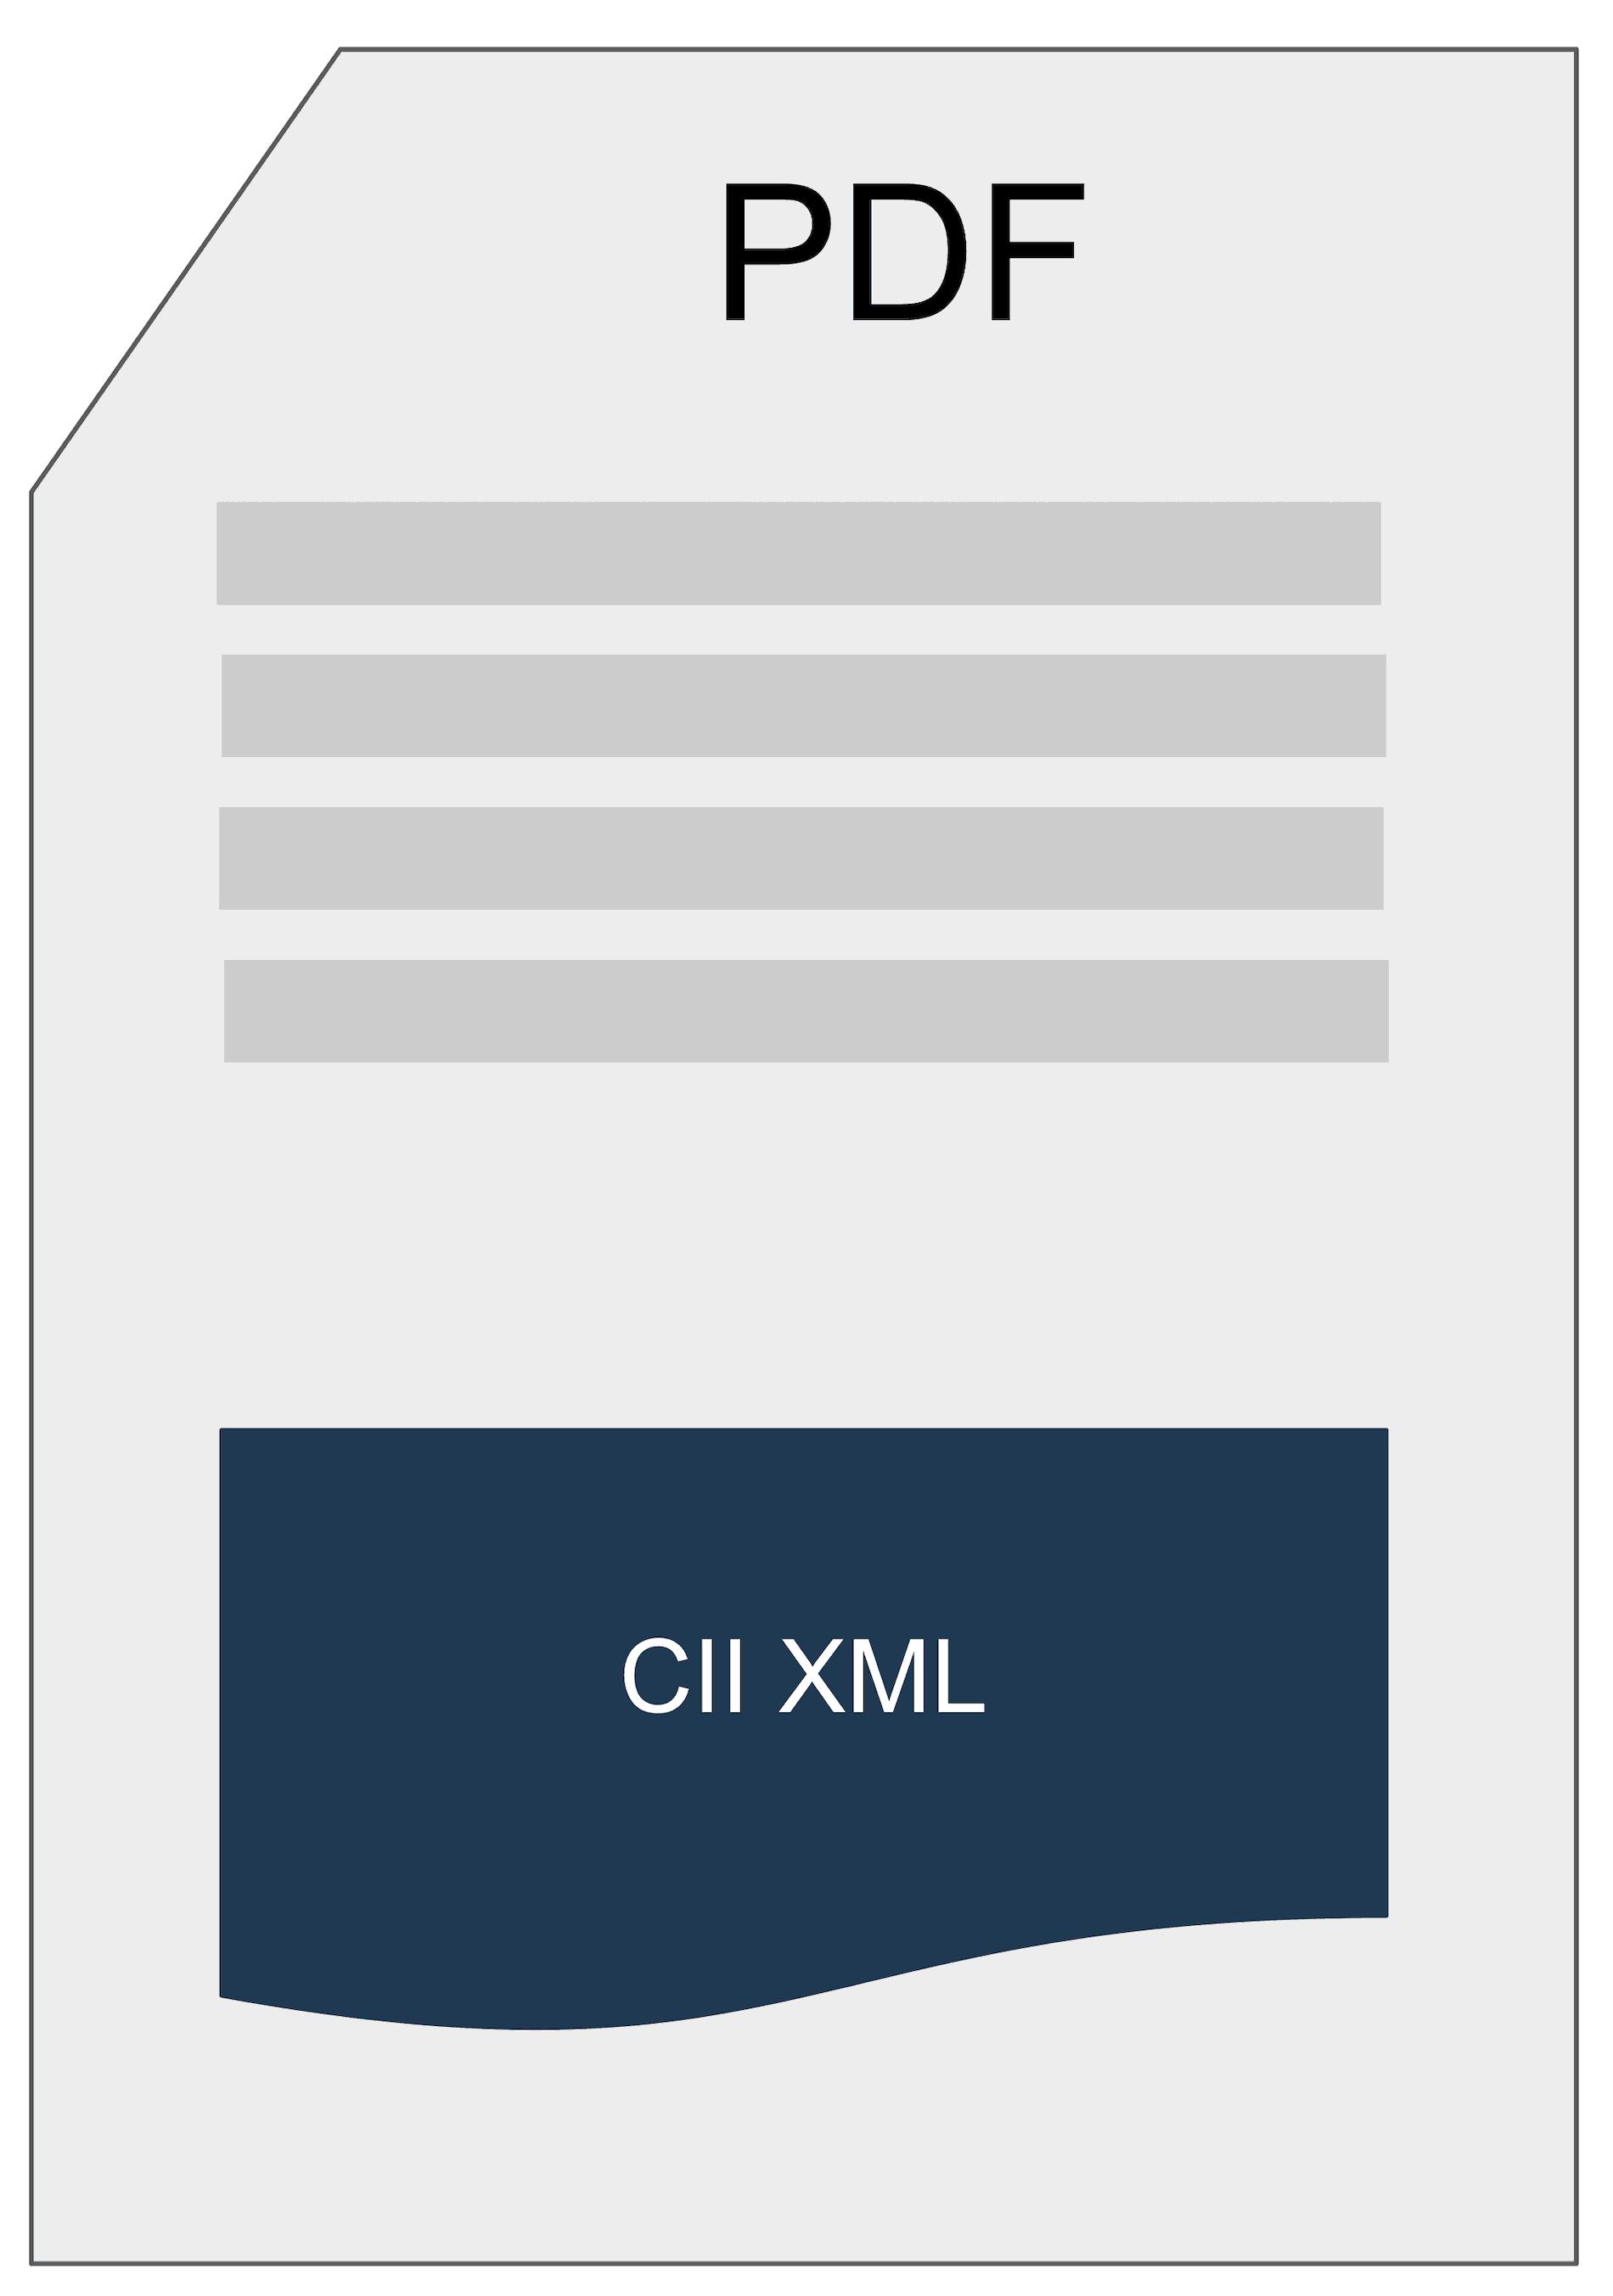 Factur-X ist ein PDF mit eingebettetem XML und stellt Rechnungsdaten visuell und strukturiert zur Verfügung.